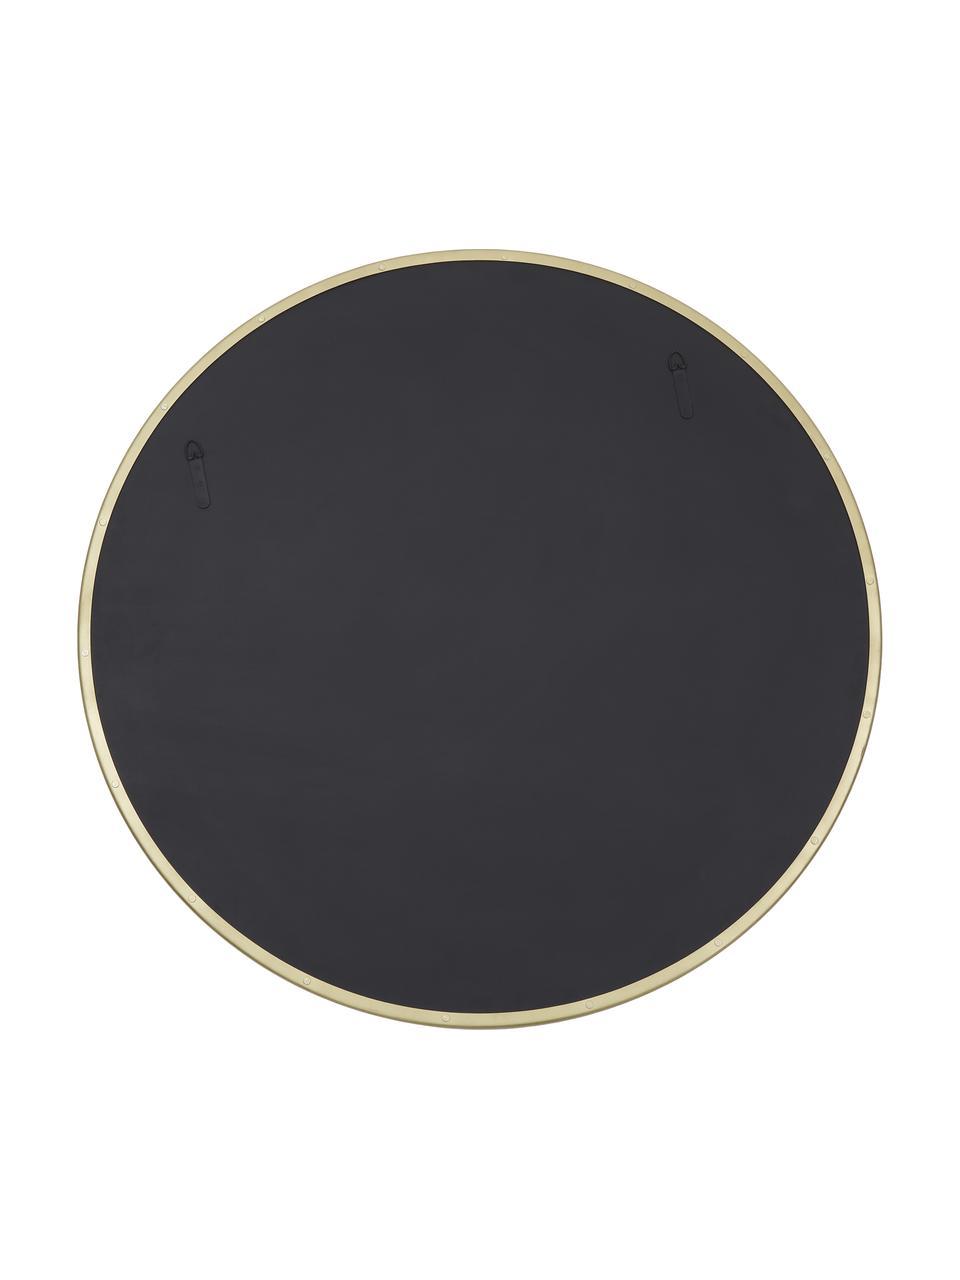 Okrągłe lustro ścienne Ivy, Złoty, Ø 100 cm